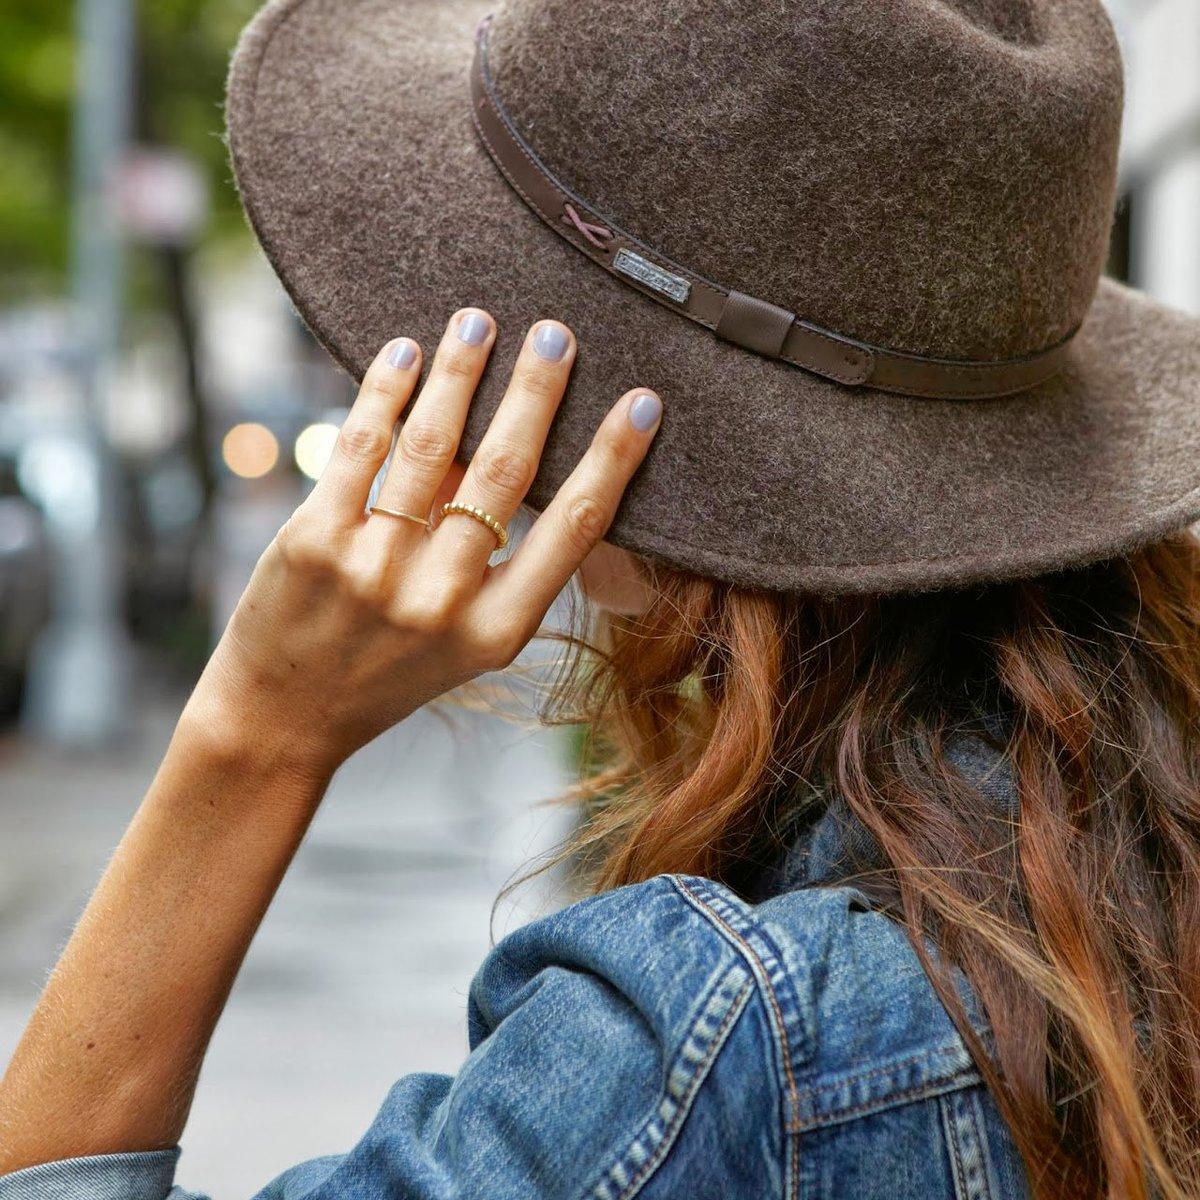 четвертых, картинки на аву в шляпе сзади итать